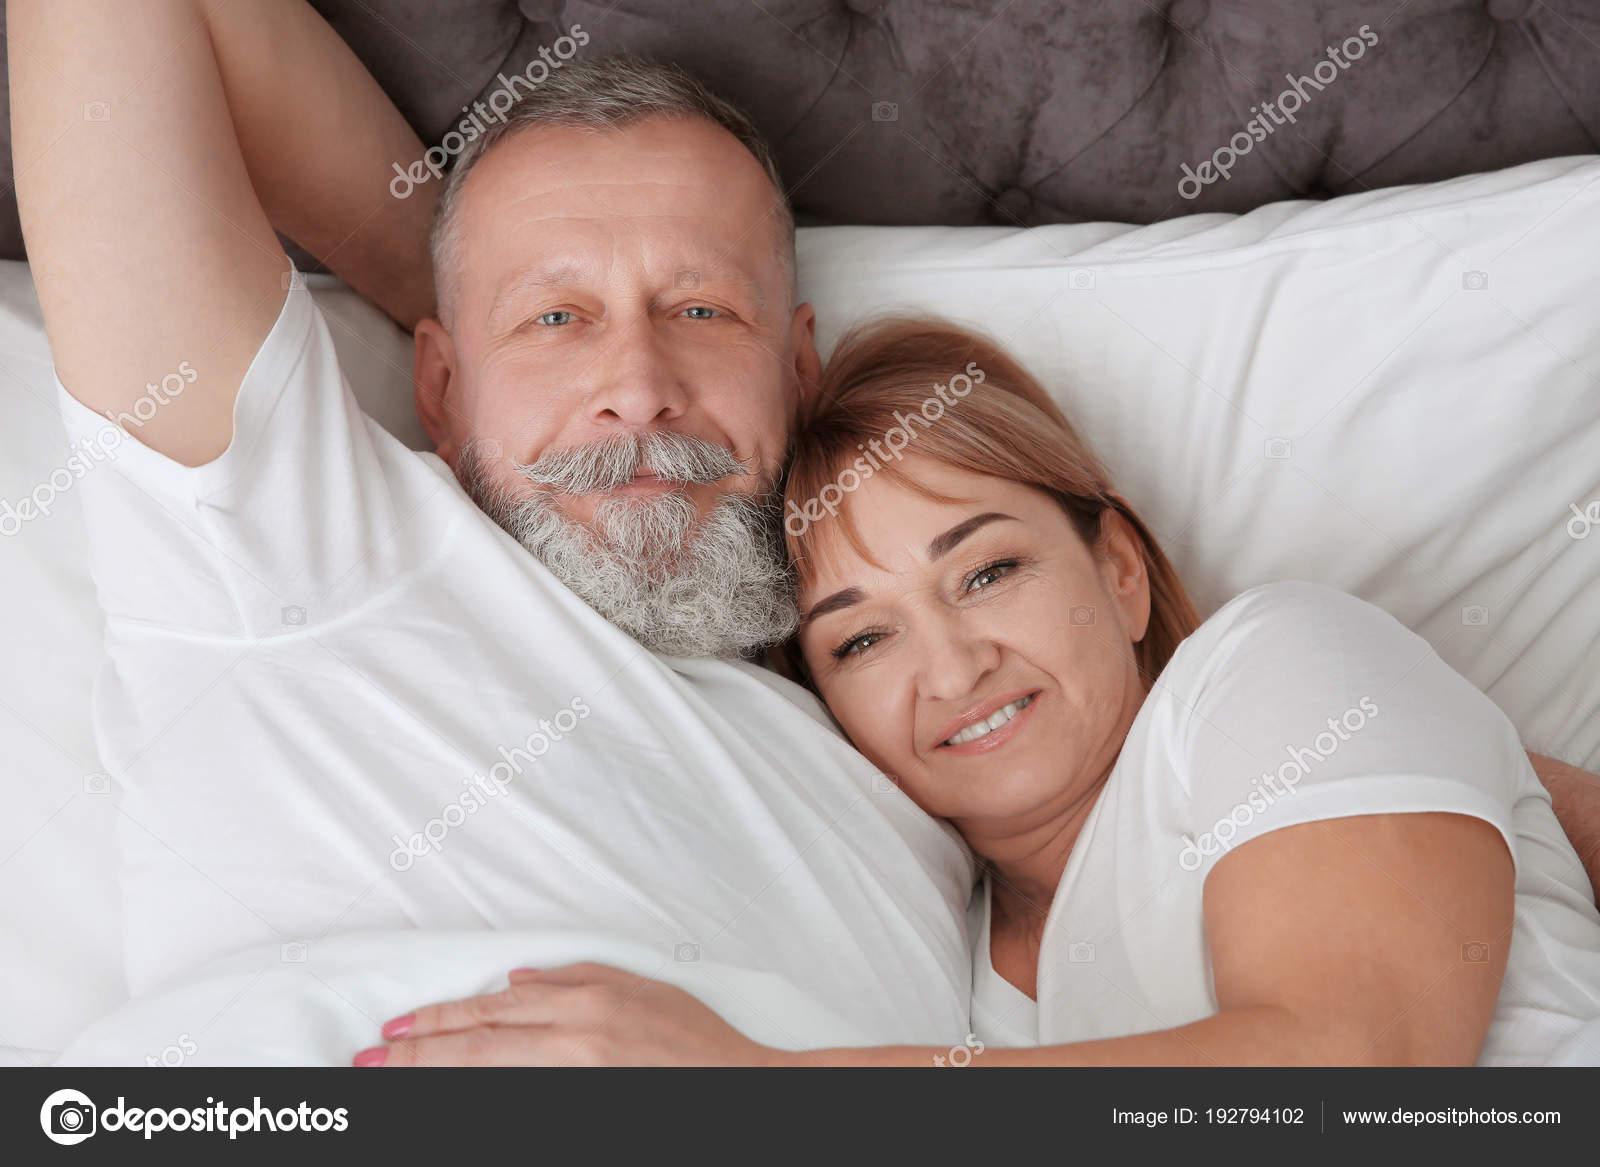 Porn mature sexy hips